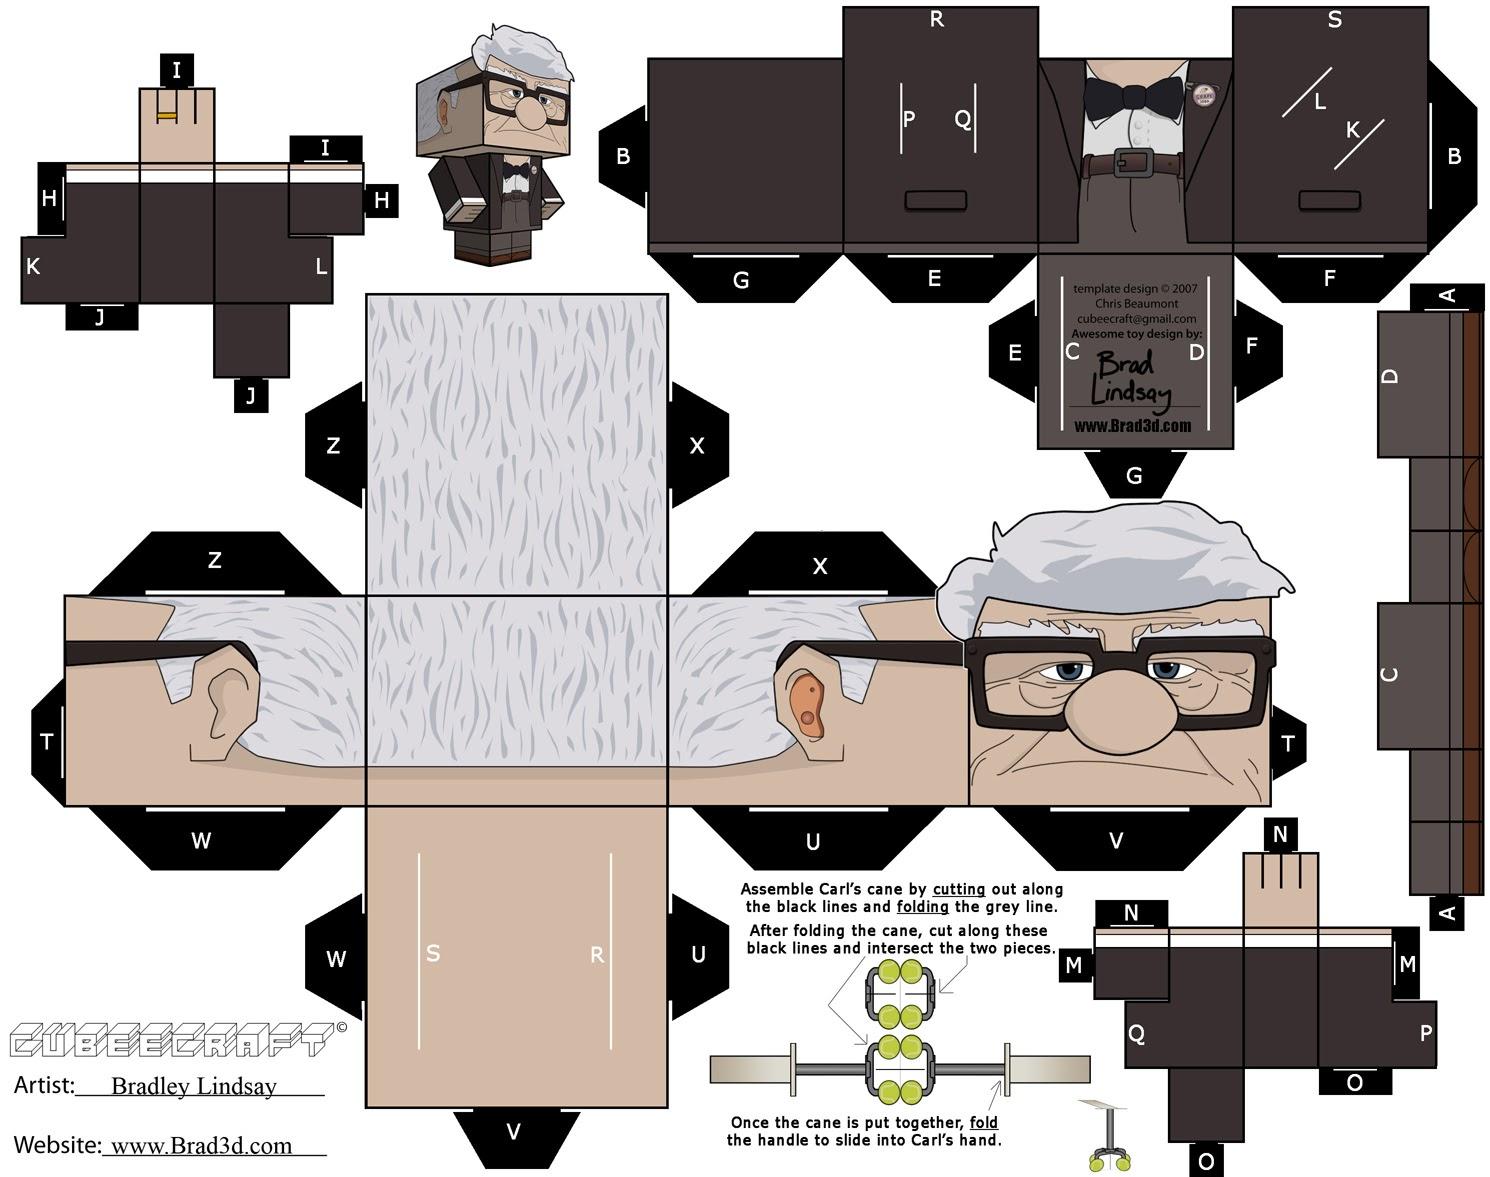 http://1.bp.blogspot.com/_2xYTqcjs5vc/TQkMjR48QyI/AAAAAAAAA68/j0c70tnQl9g/s1600/carl-paper-toy.bmp